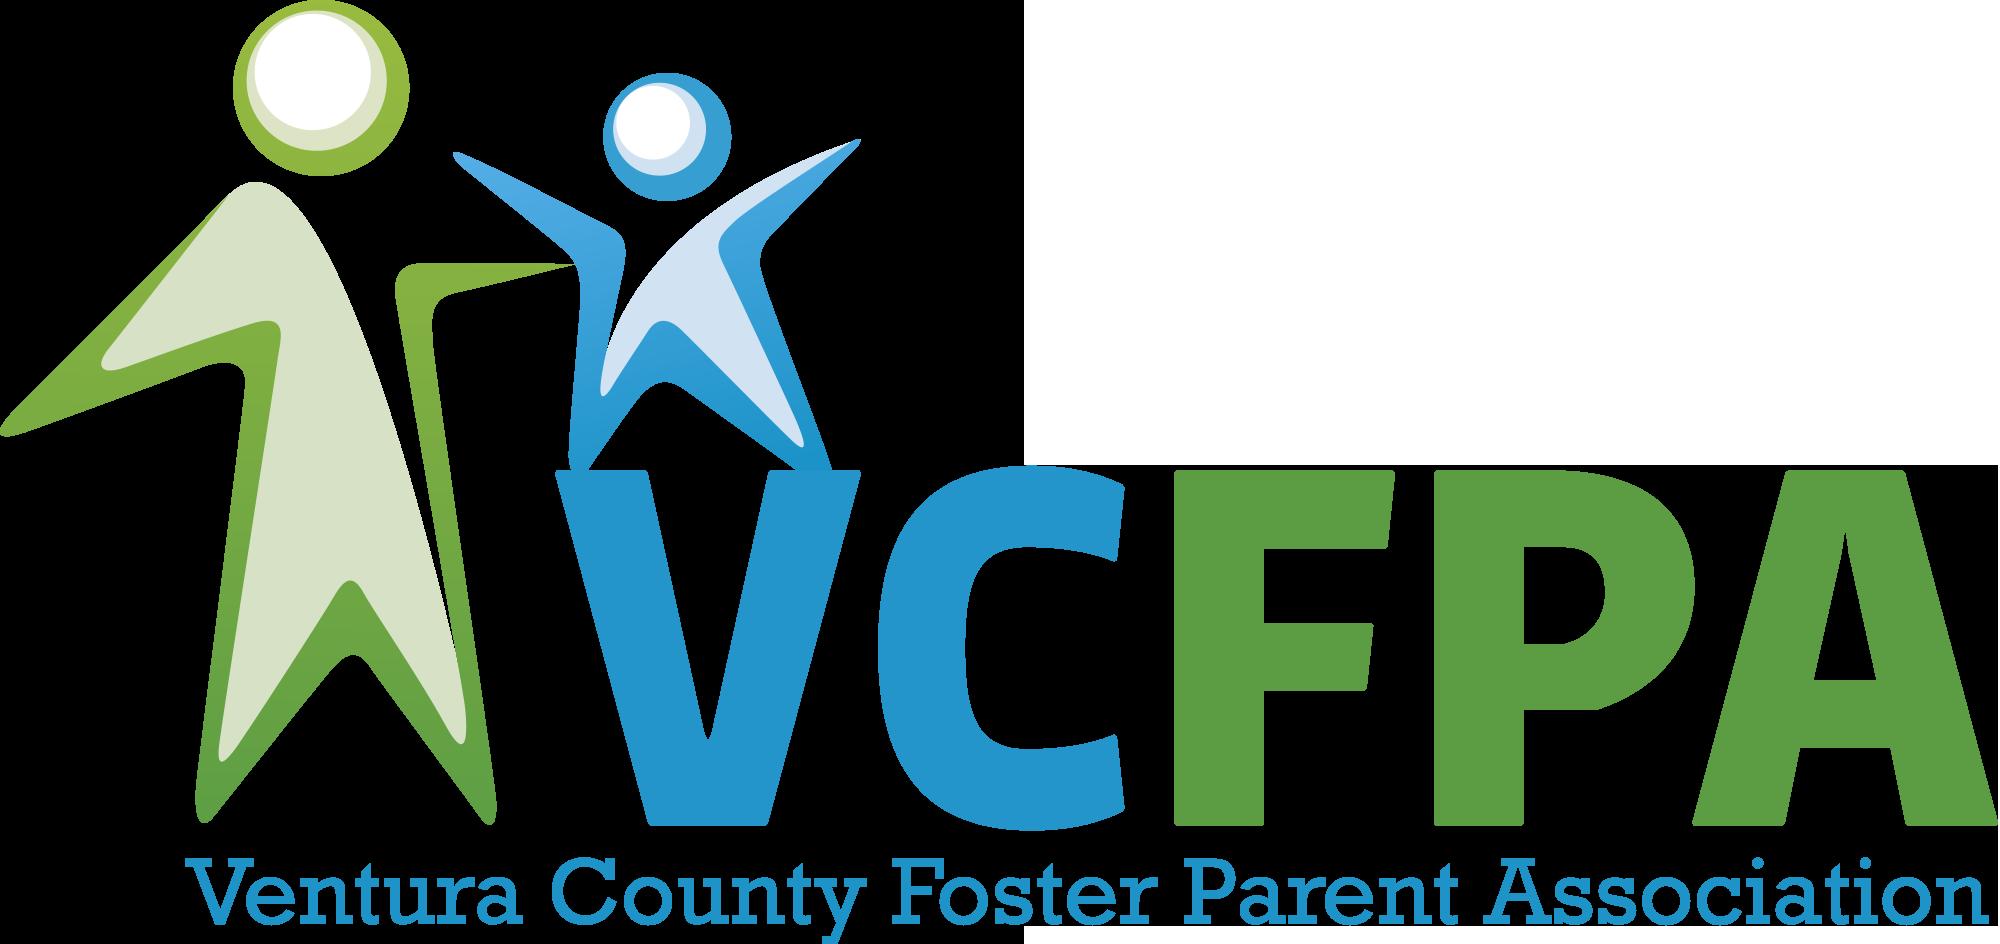 Ventura County Foster Parent Association